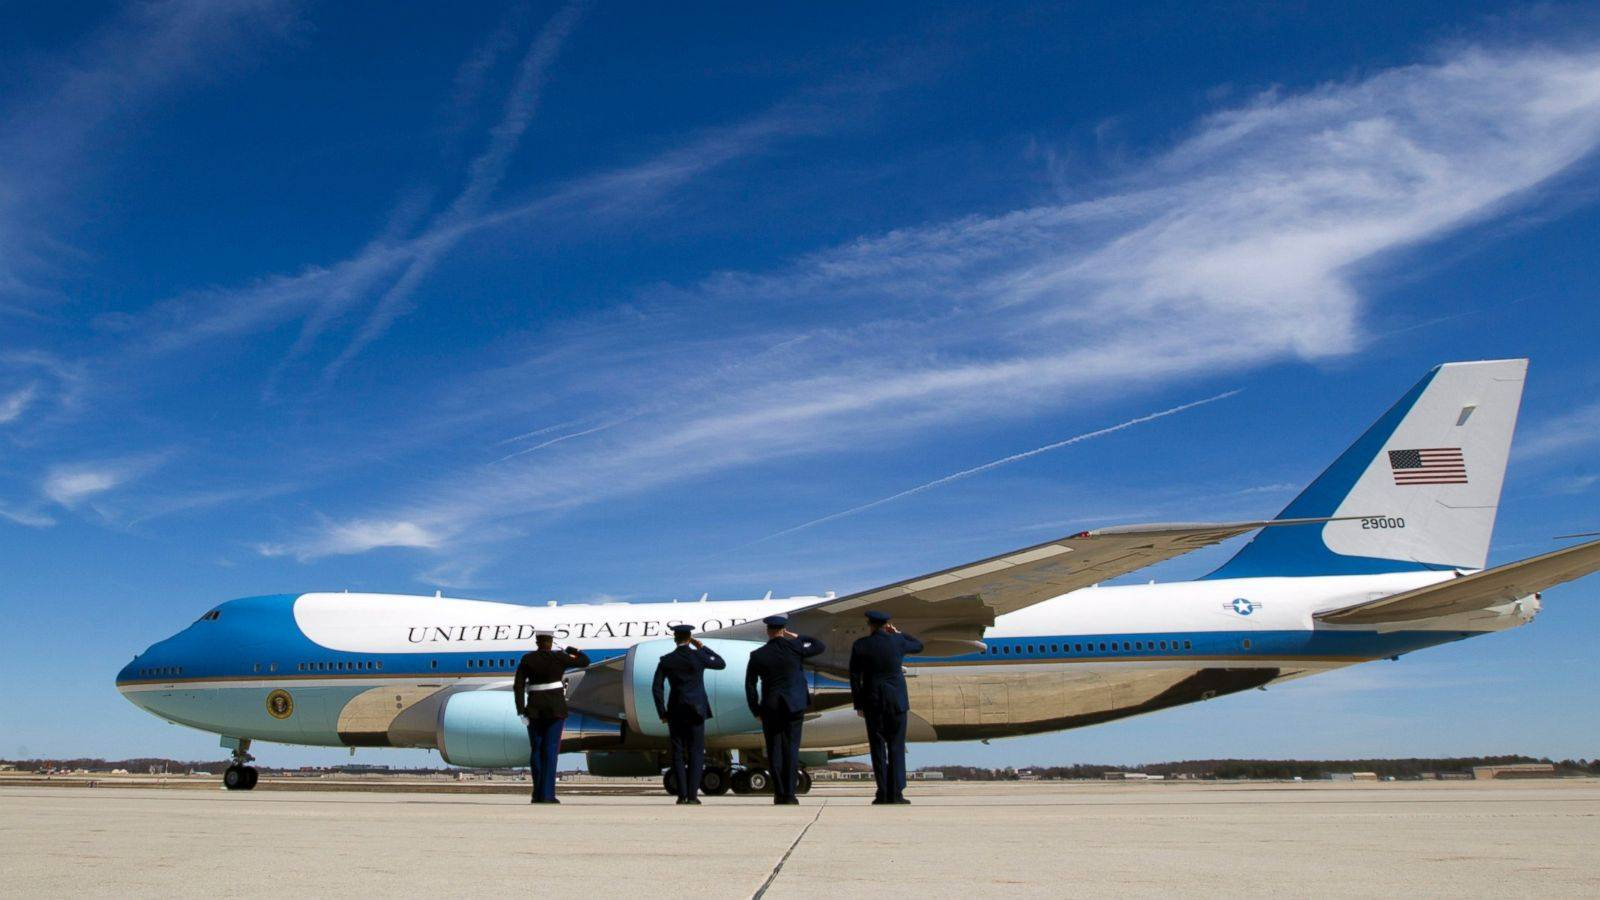 无法击落?美国空军一号集合先进技术,具备高度安全级别!